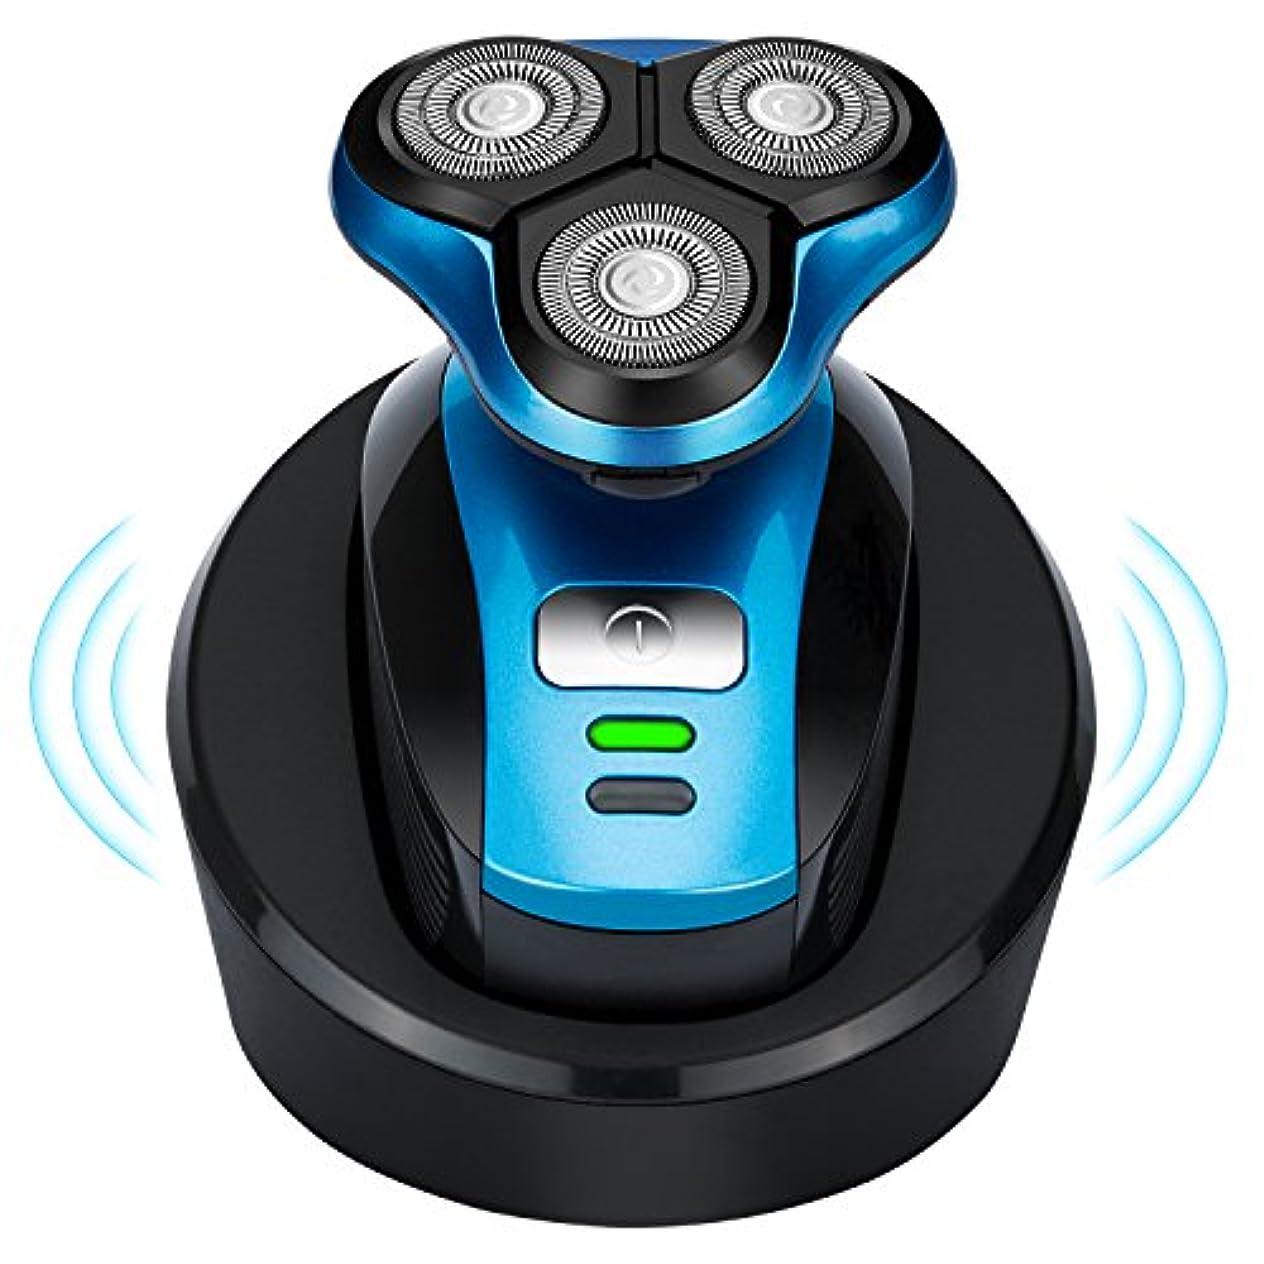 岸シーケンス禁止するワイヤレス 充電式 電気シェーバー メンズひげそり 自動研磨 ウェット&ドライ剃り IPX7防水 お風呂剃り可  ブルー